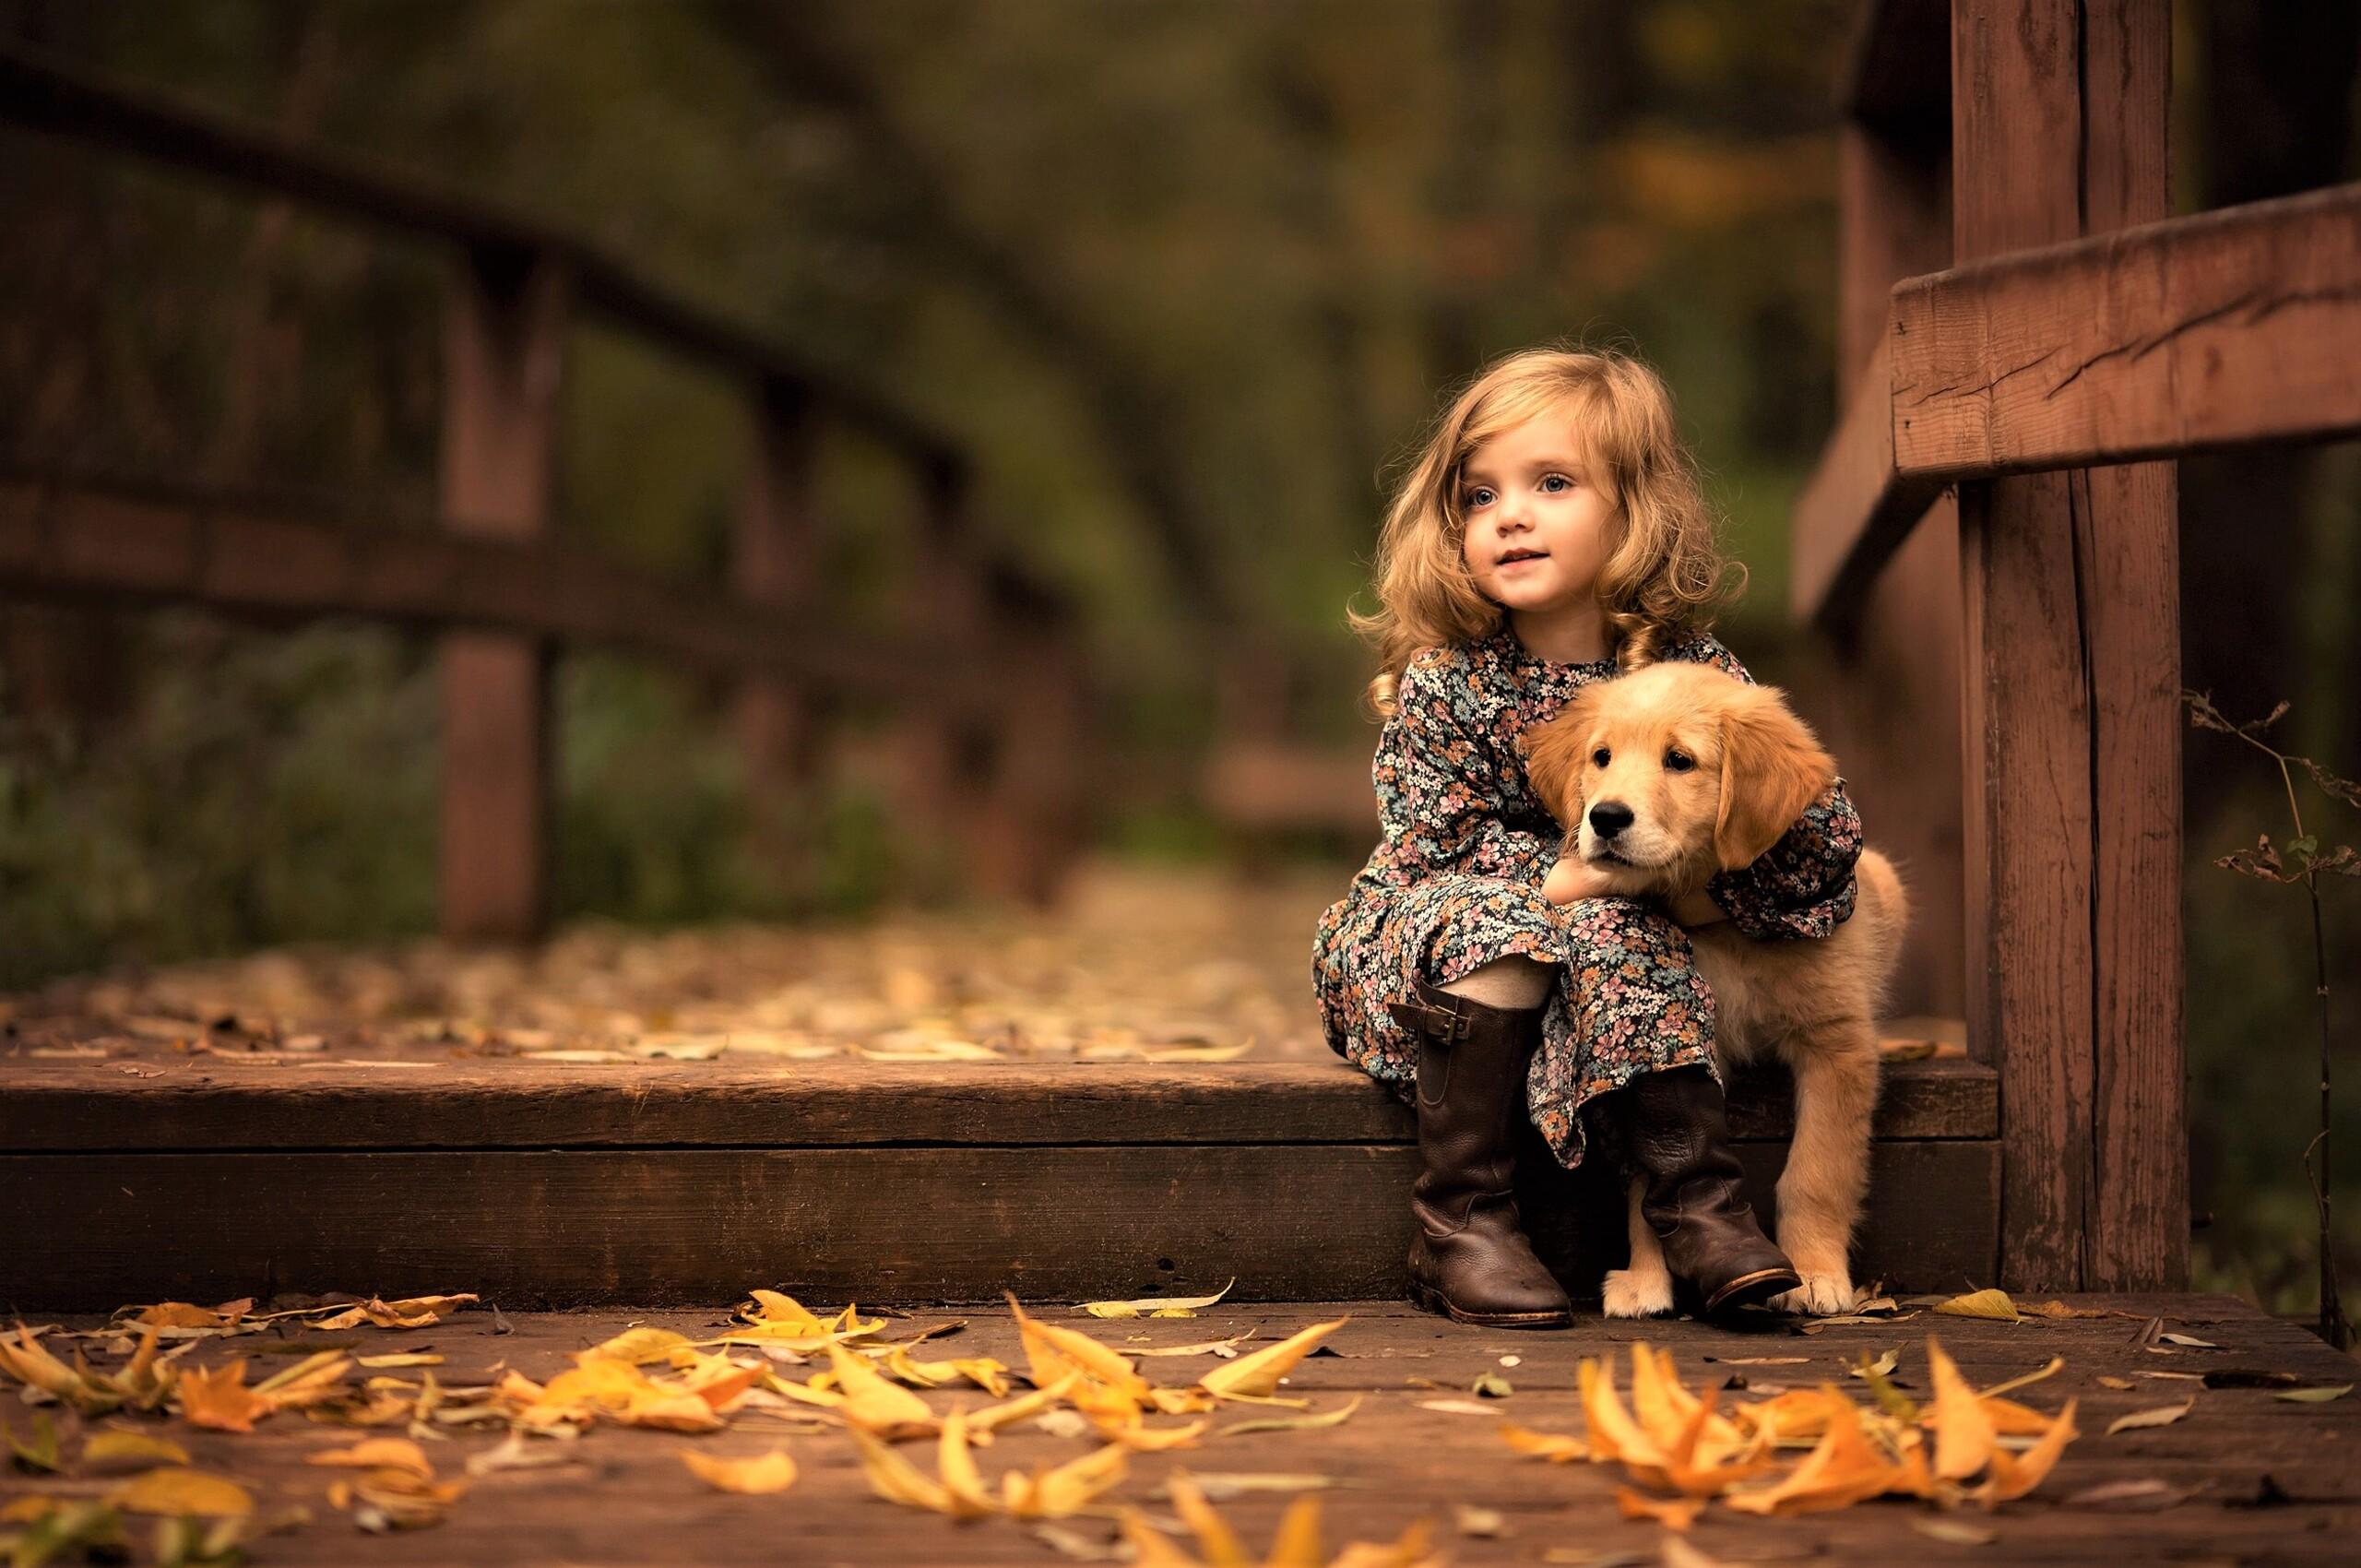 little-girl-with-golden-retriever-puppy-v9.jpg